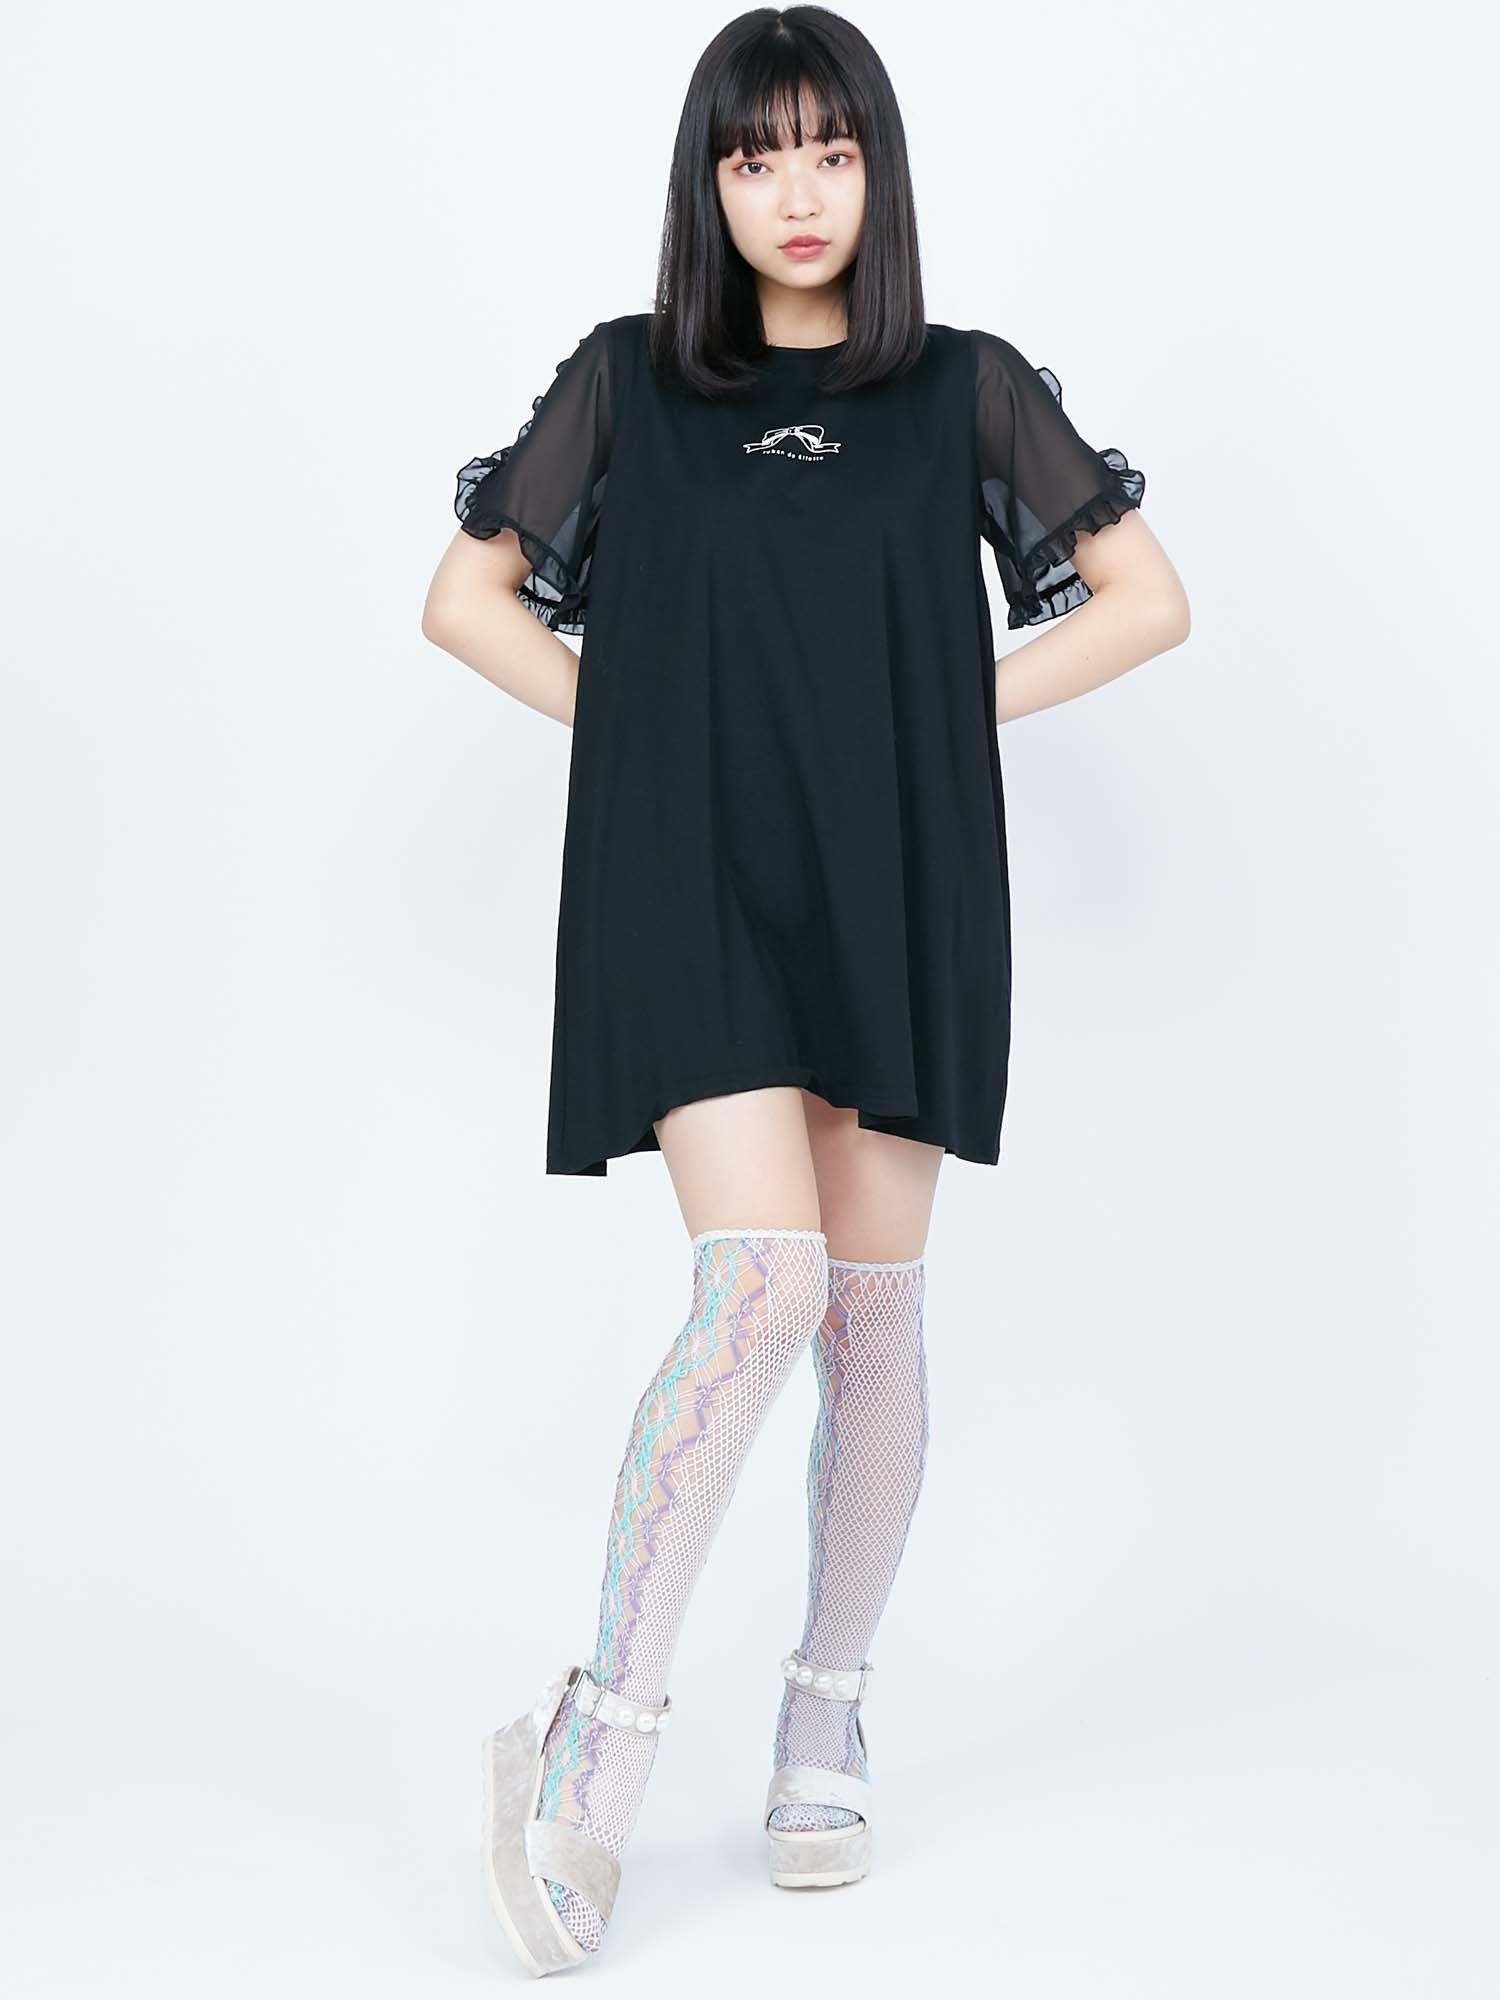 雪紡袖T卹連衣裙